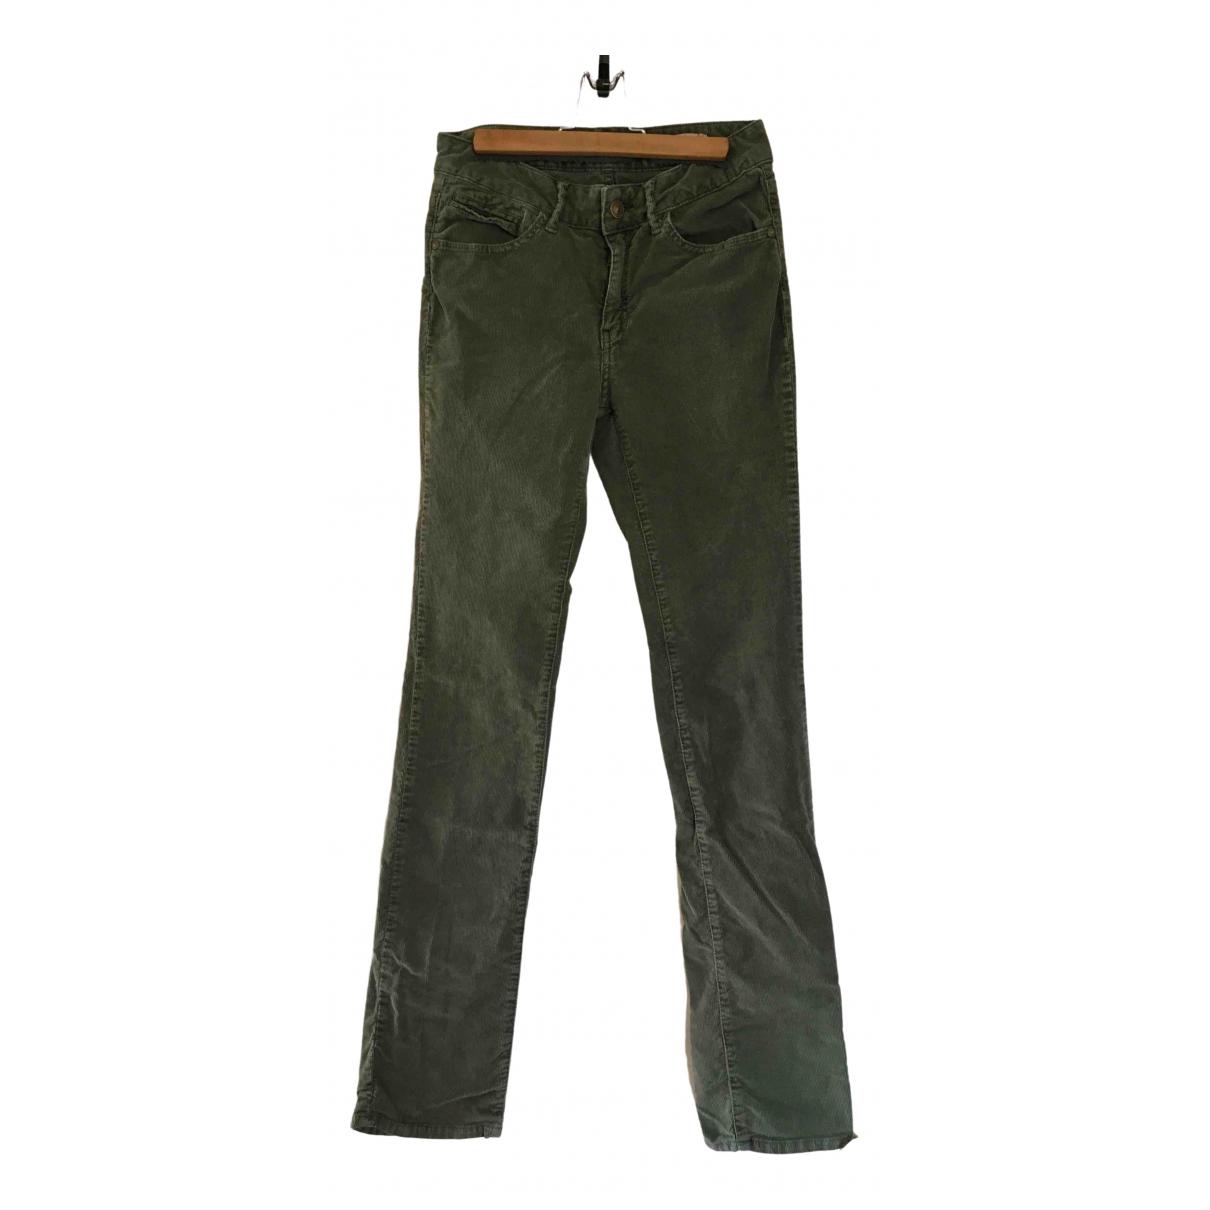 Pantalon recto de Terciopelo Berenice